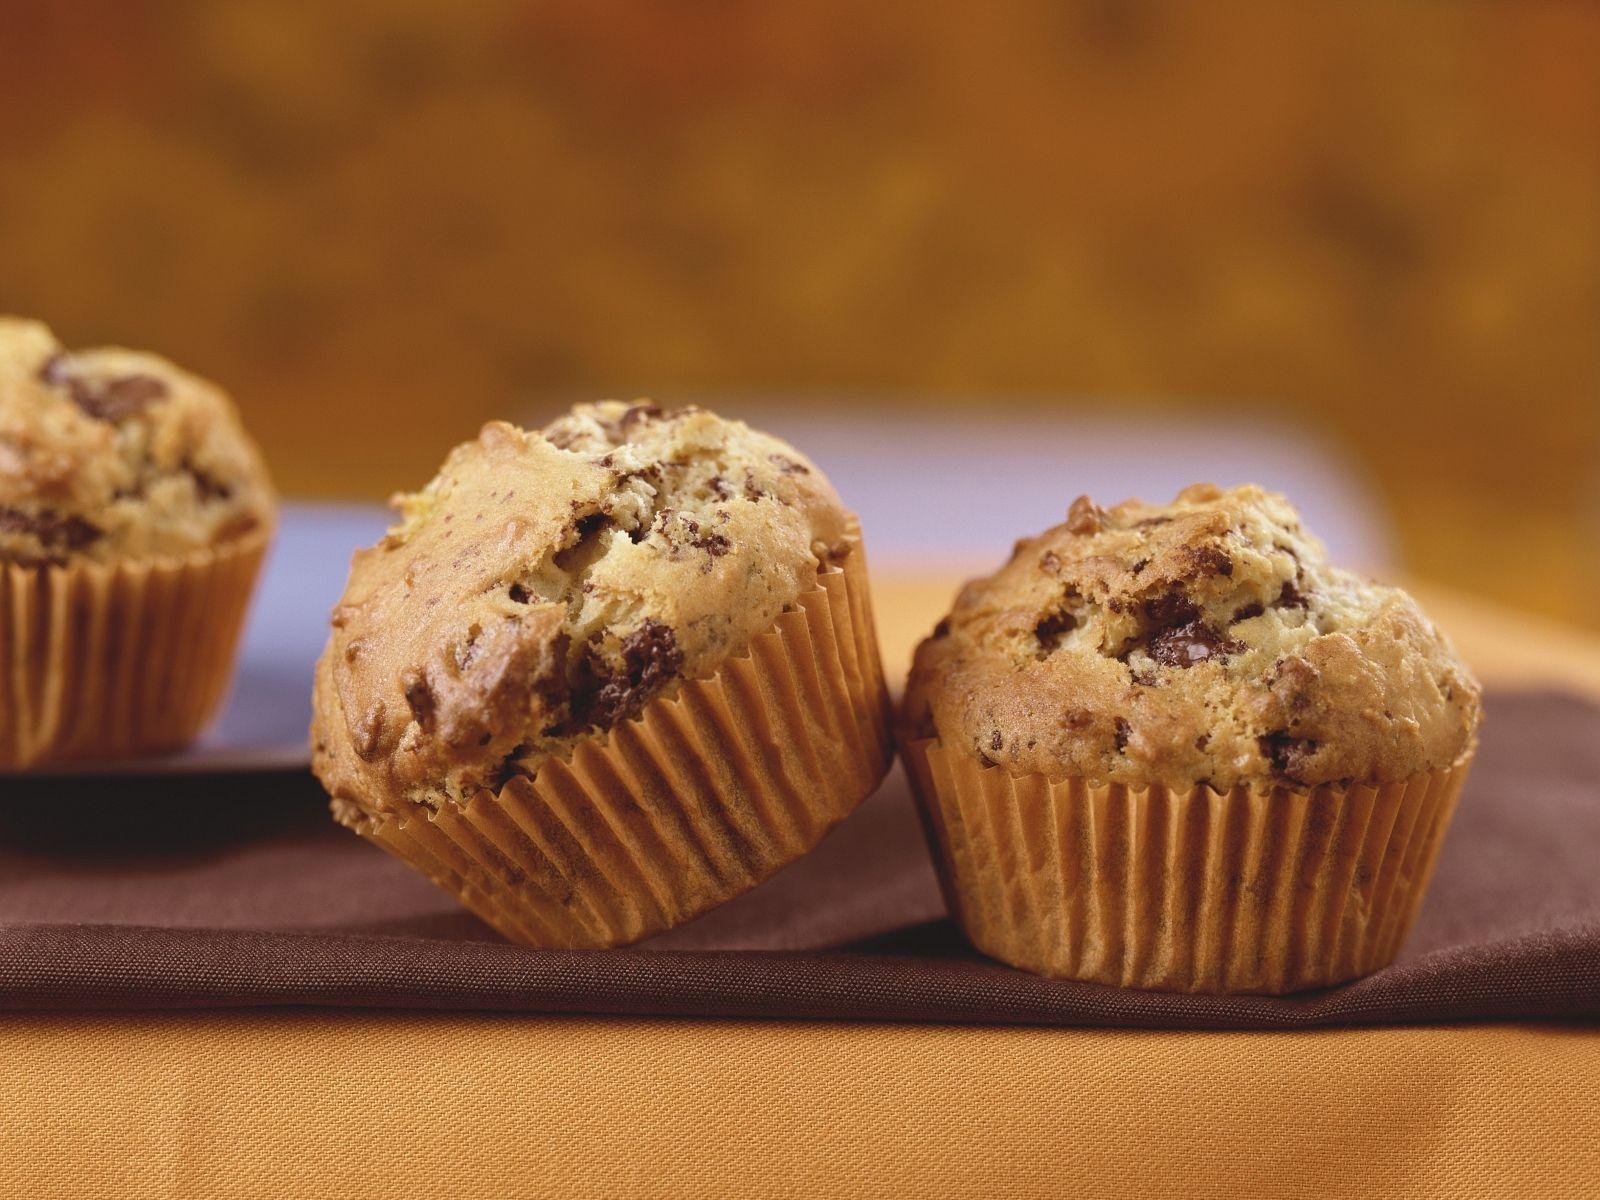 Muffins Mit Schokostuckchen Rezept Mit Bildern Muffins Mit Schokostuckchen Schokostuckchen Dessert Ideen